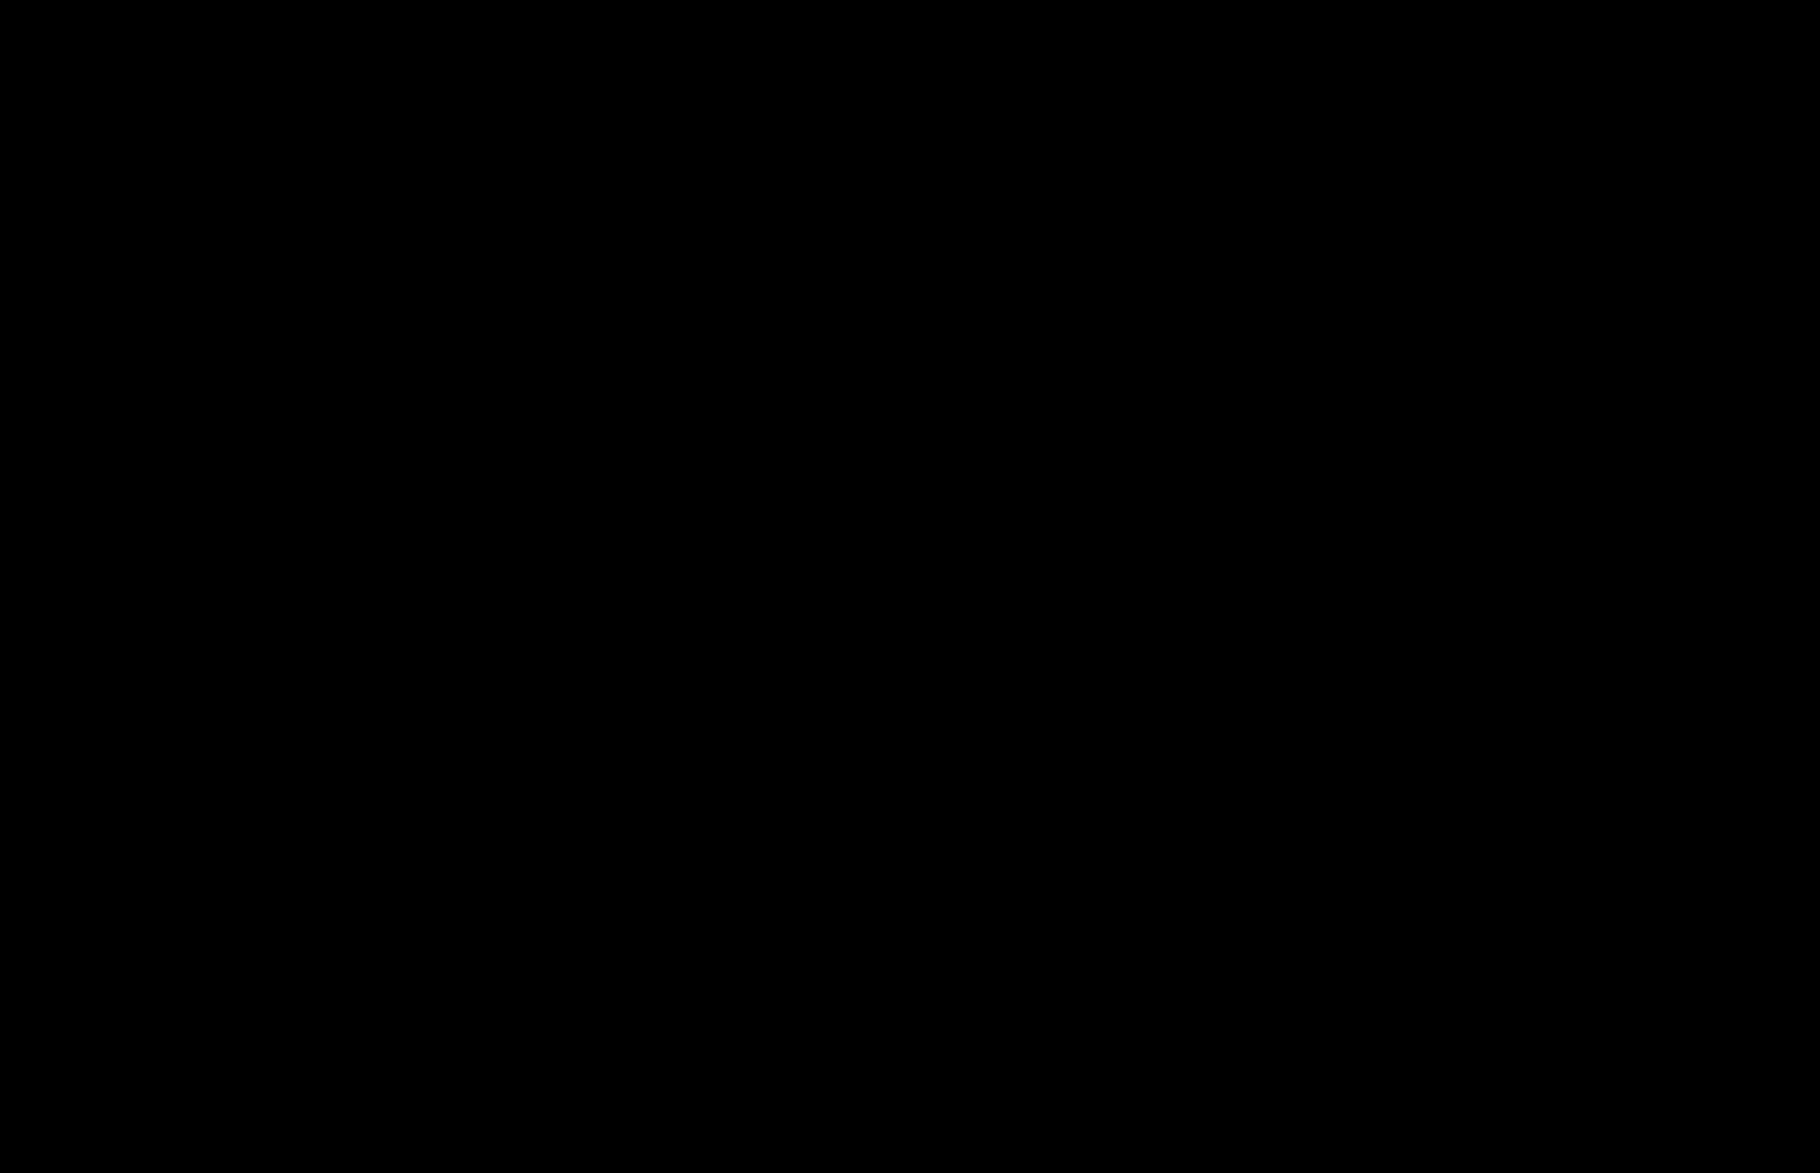 Das Runenalphabet